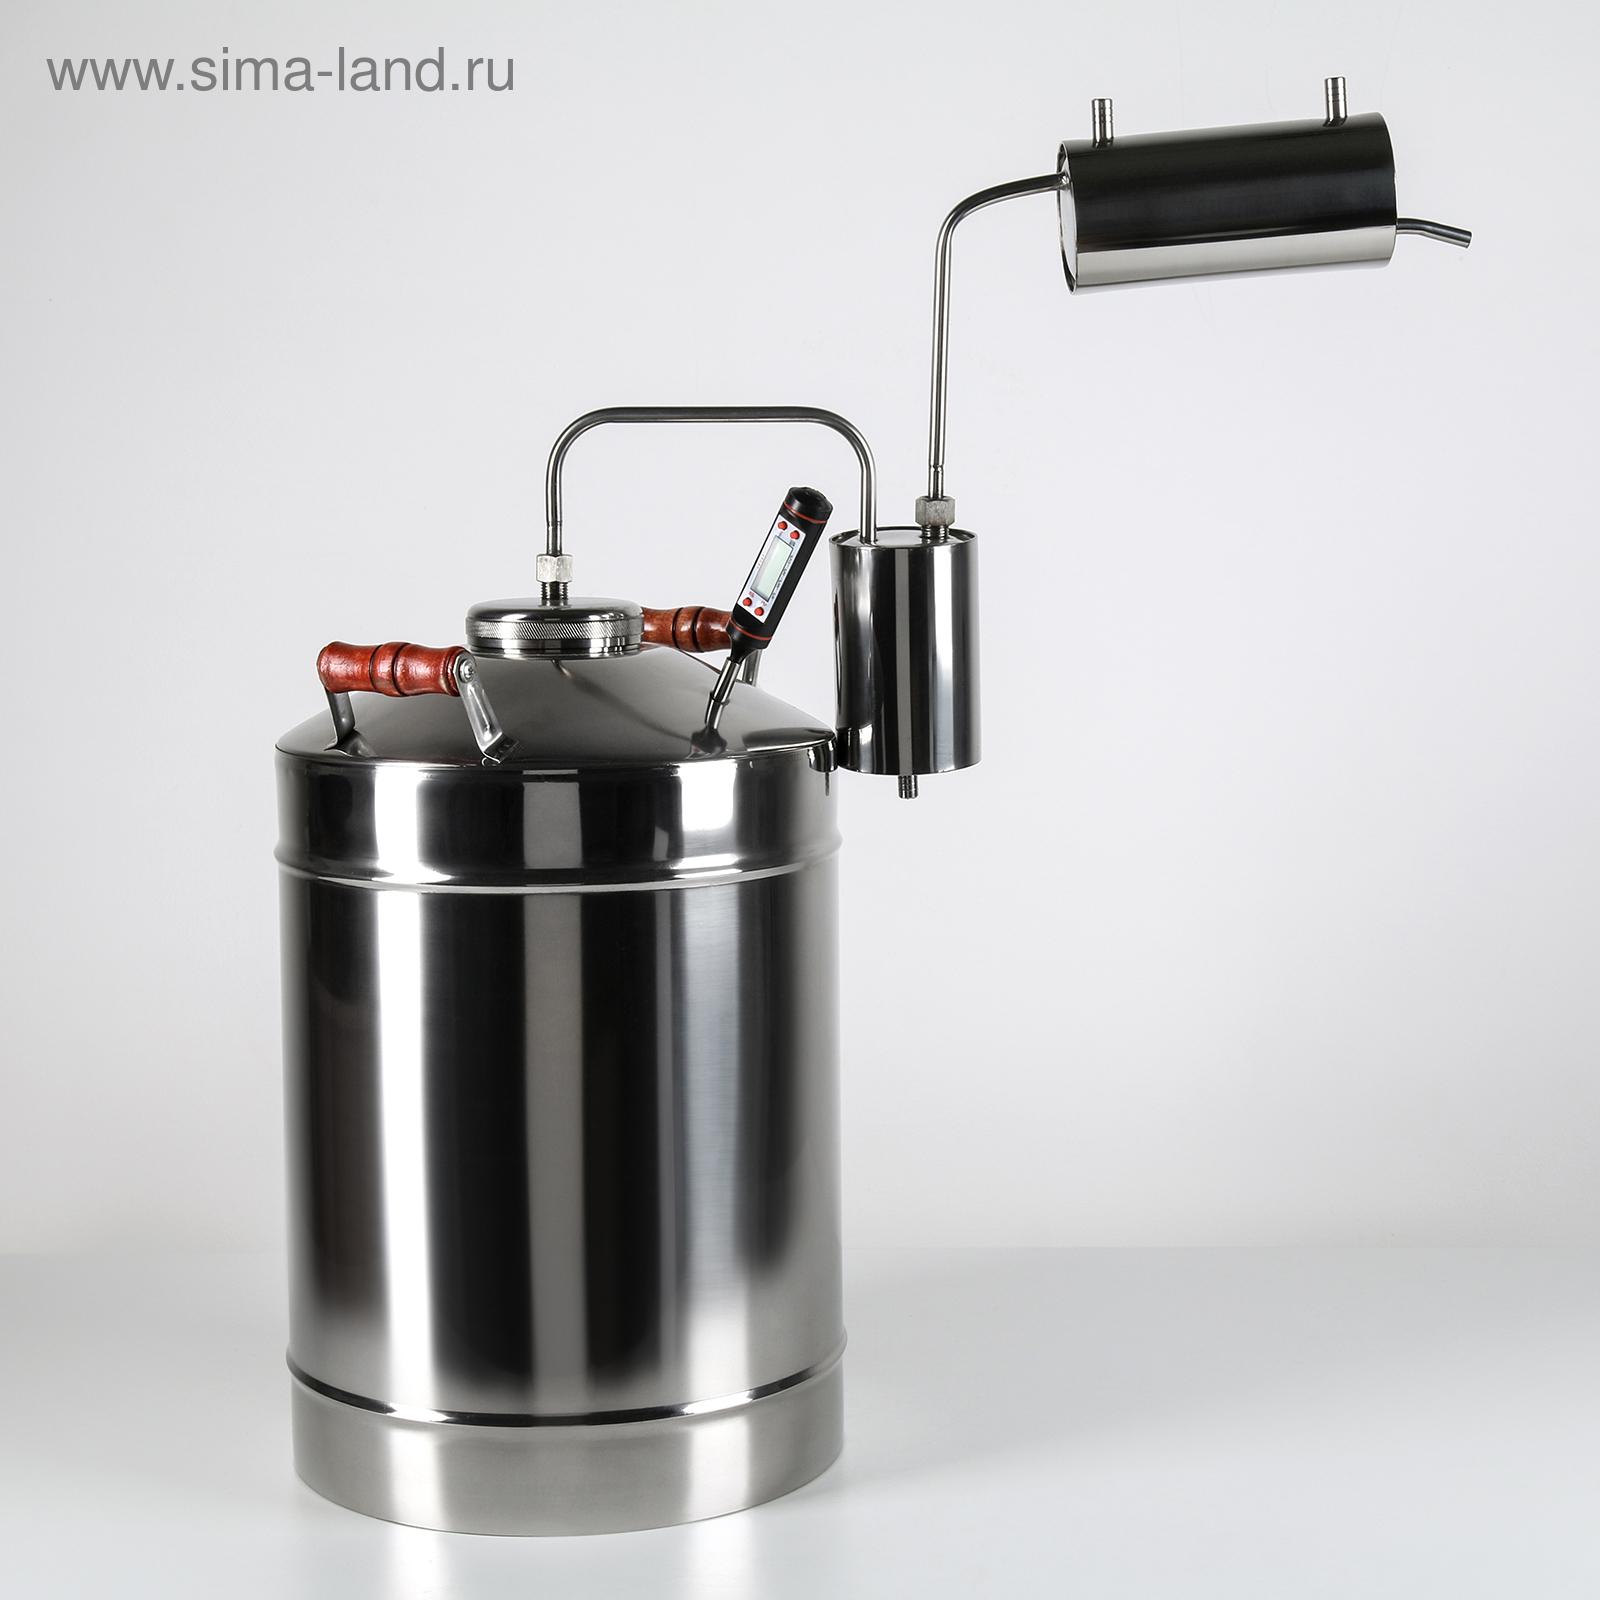 Магарыч самогонный аппарат на какой плите купить коптильню для горячего копчения в домашних условиях золингер